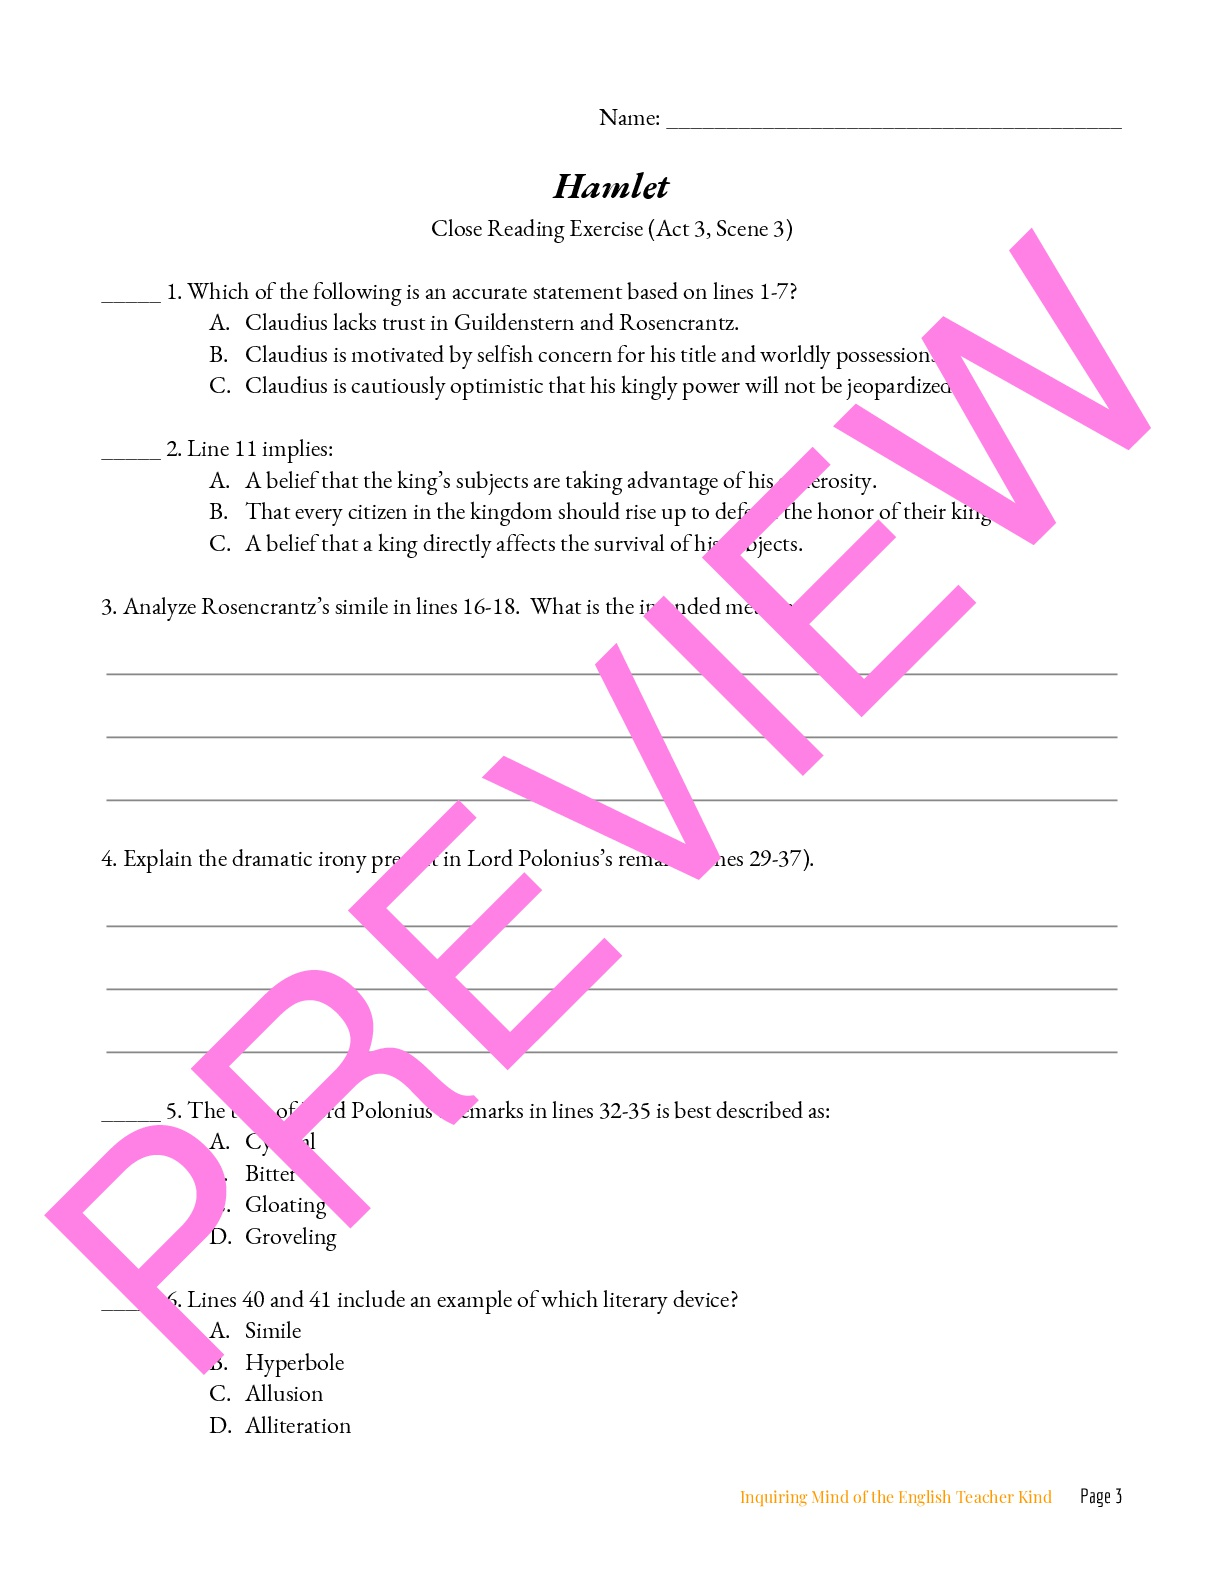 Hamlet Close Reading Worksheet Act 3 3 Teaching Resources [ 1584 x 1224 Pixel ]